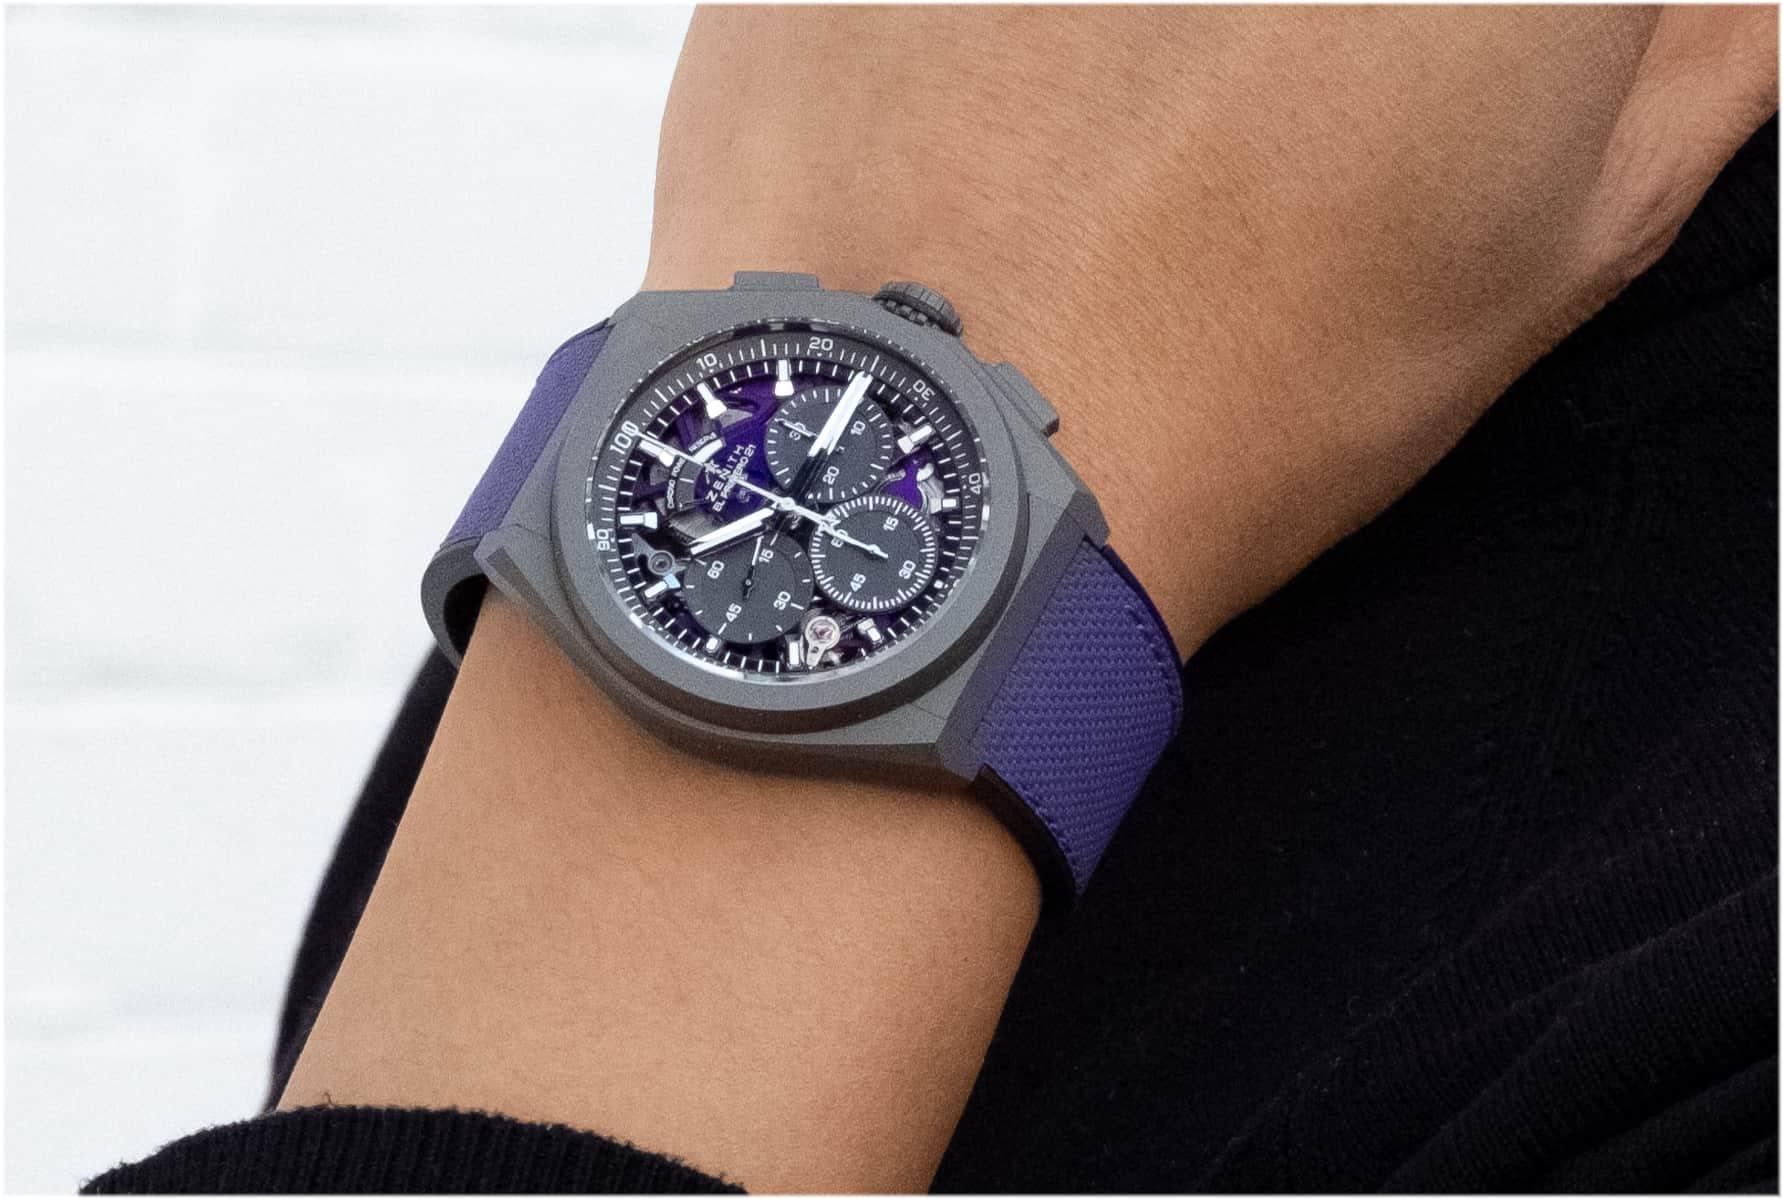 violett und schön - die Zenith Defy 21 Ultraviolet